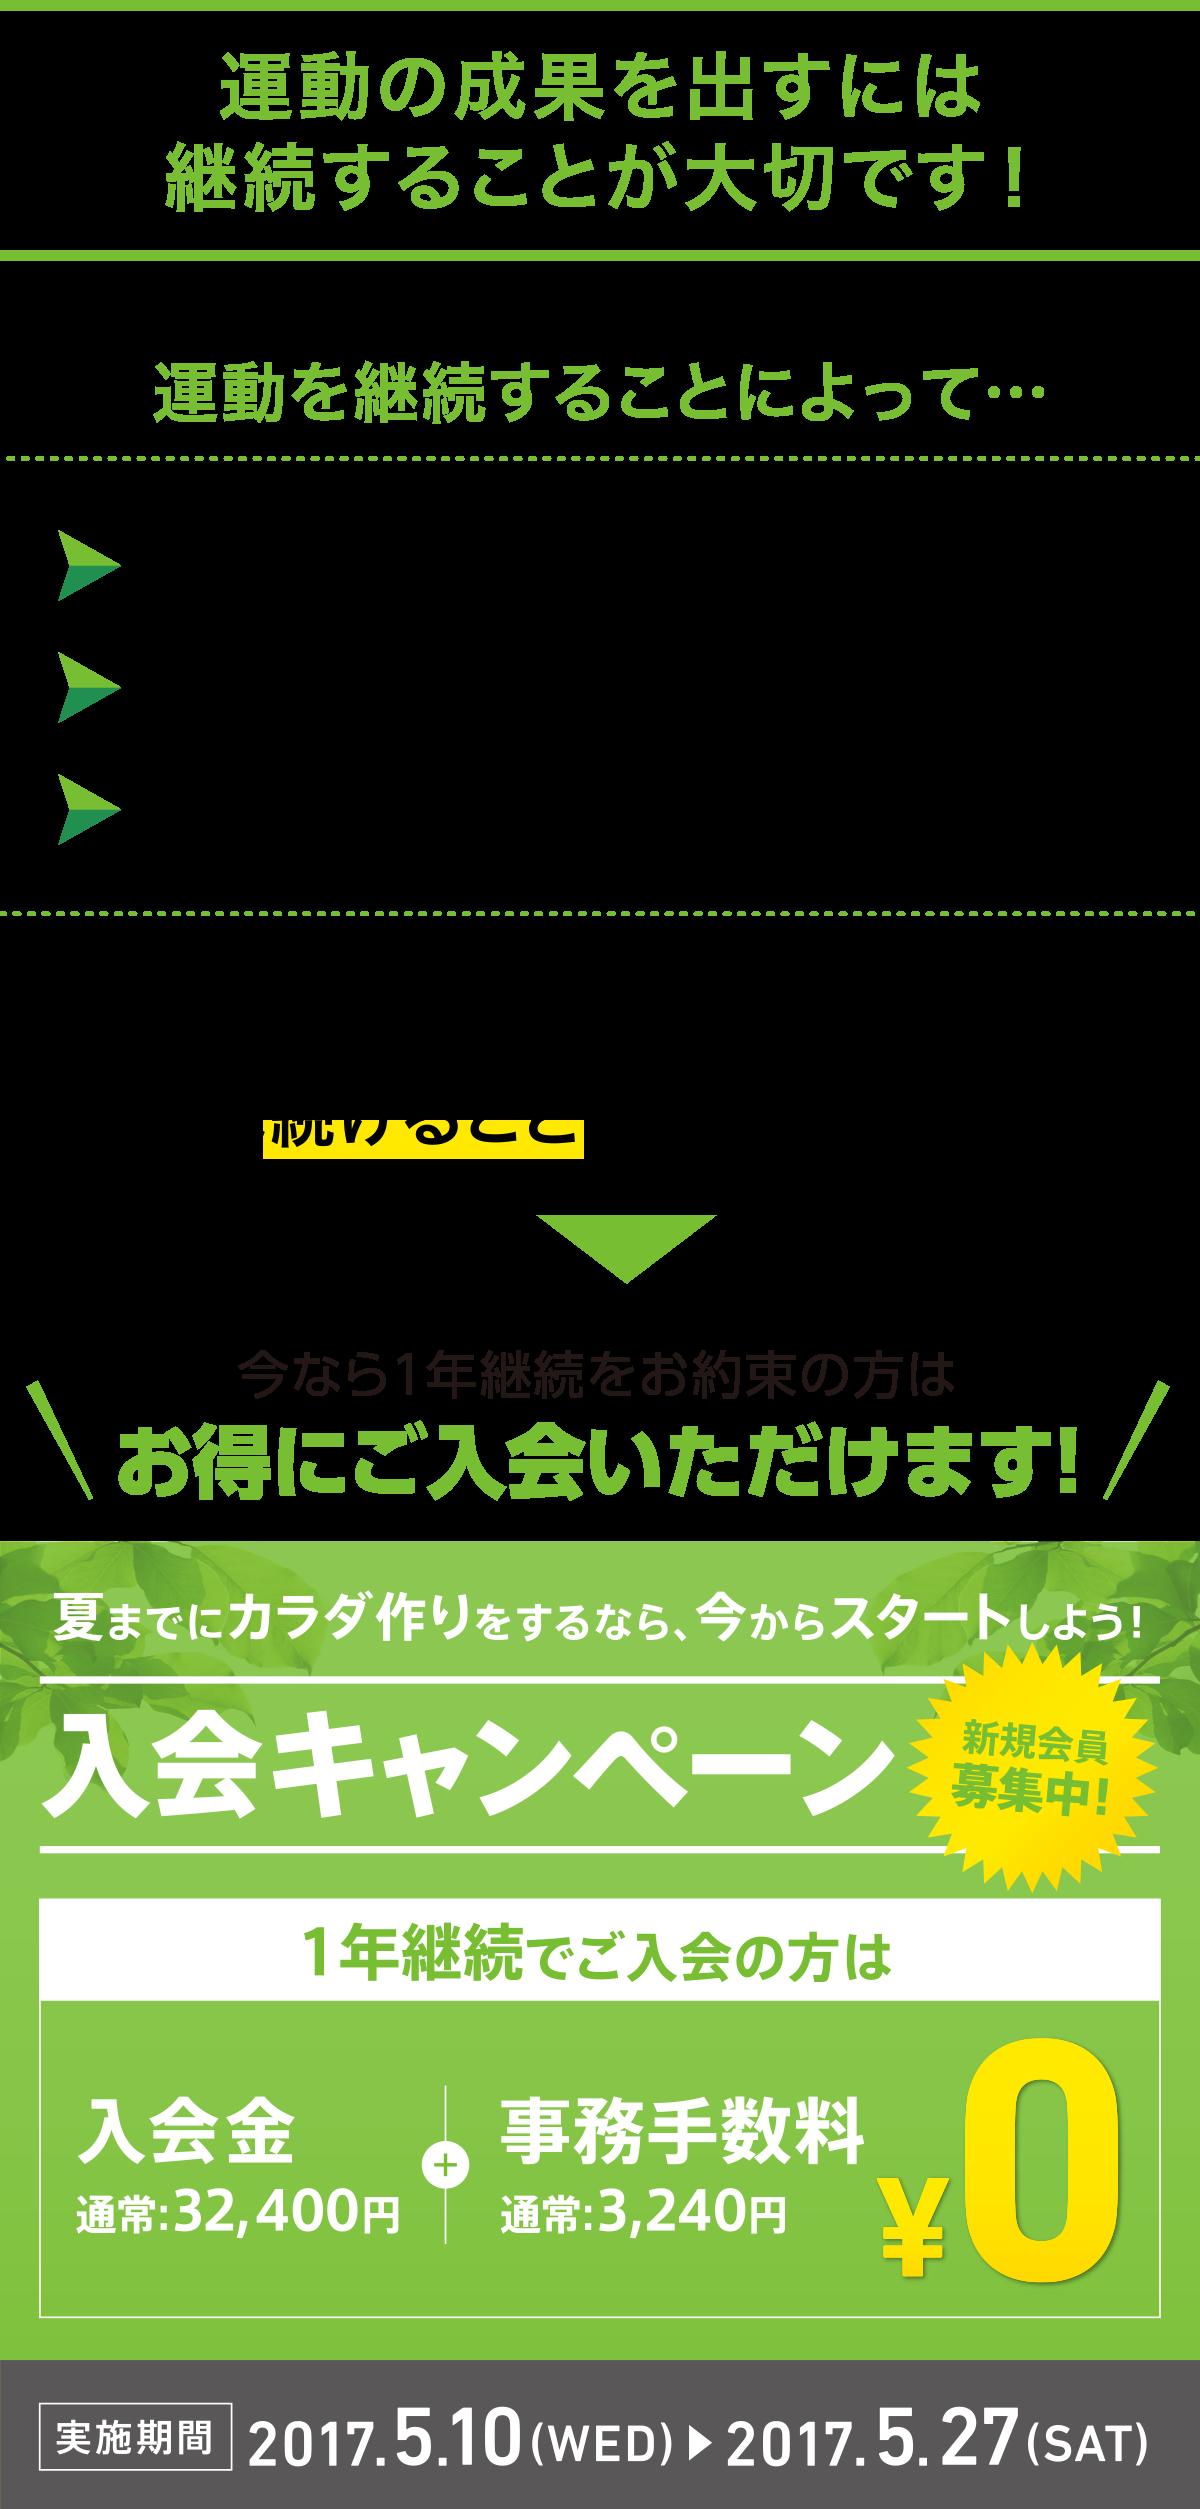 201705-campaign-02